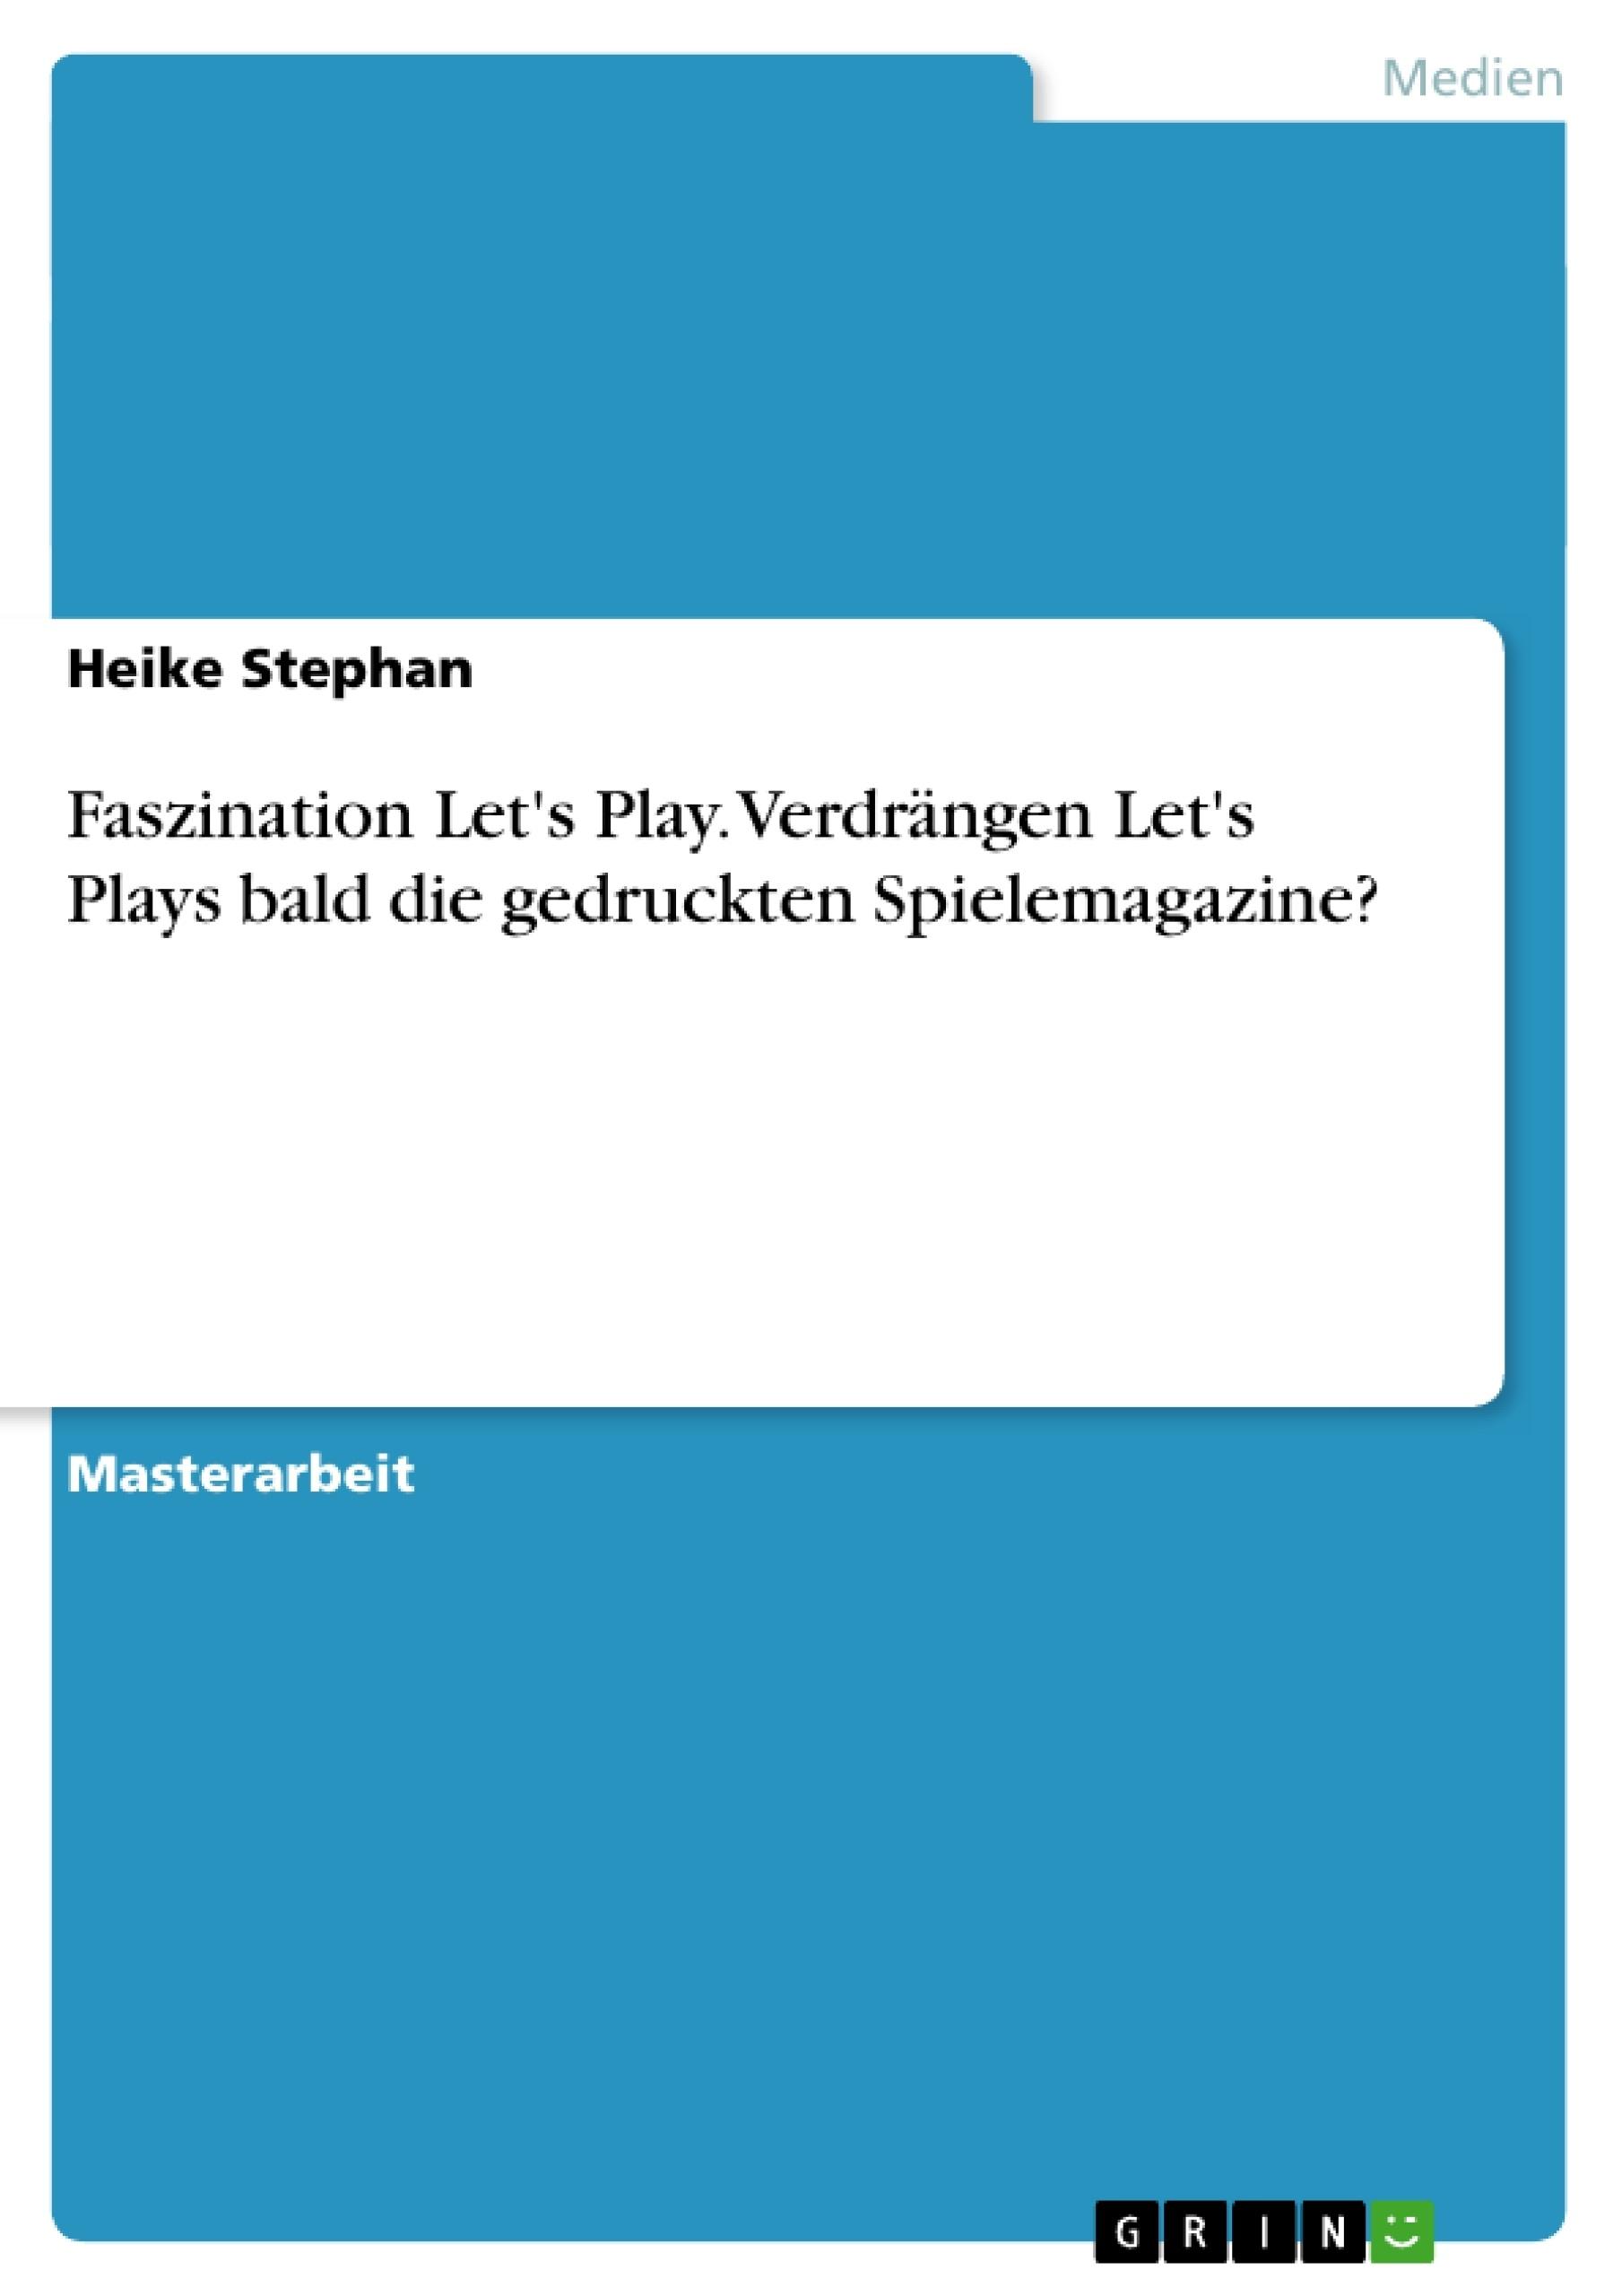 Titel: Faszination Let's Play. Verdrängen Let's Plays bald die gedruckten Spielemagazine?